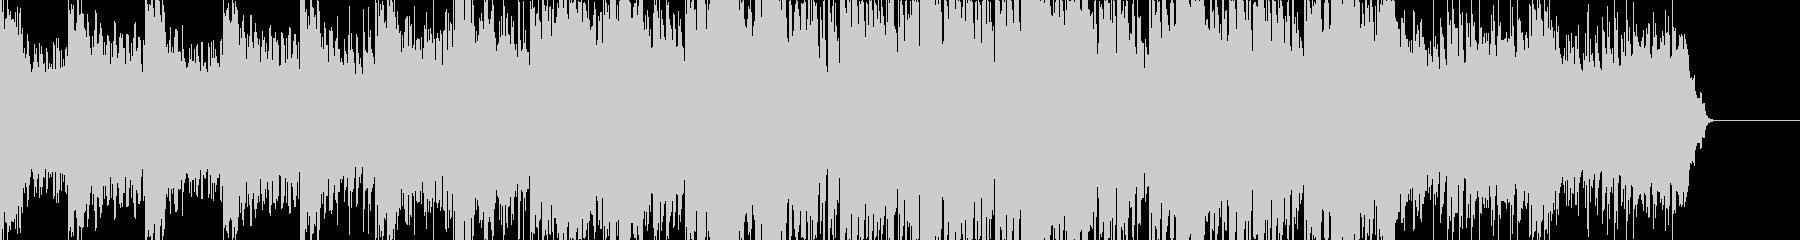 大自然の中のダイナミックなピアノチルの未再生の波形